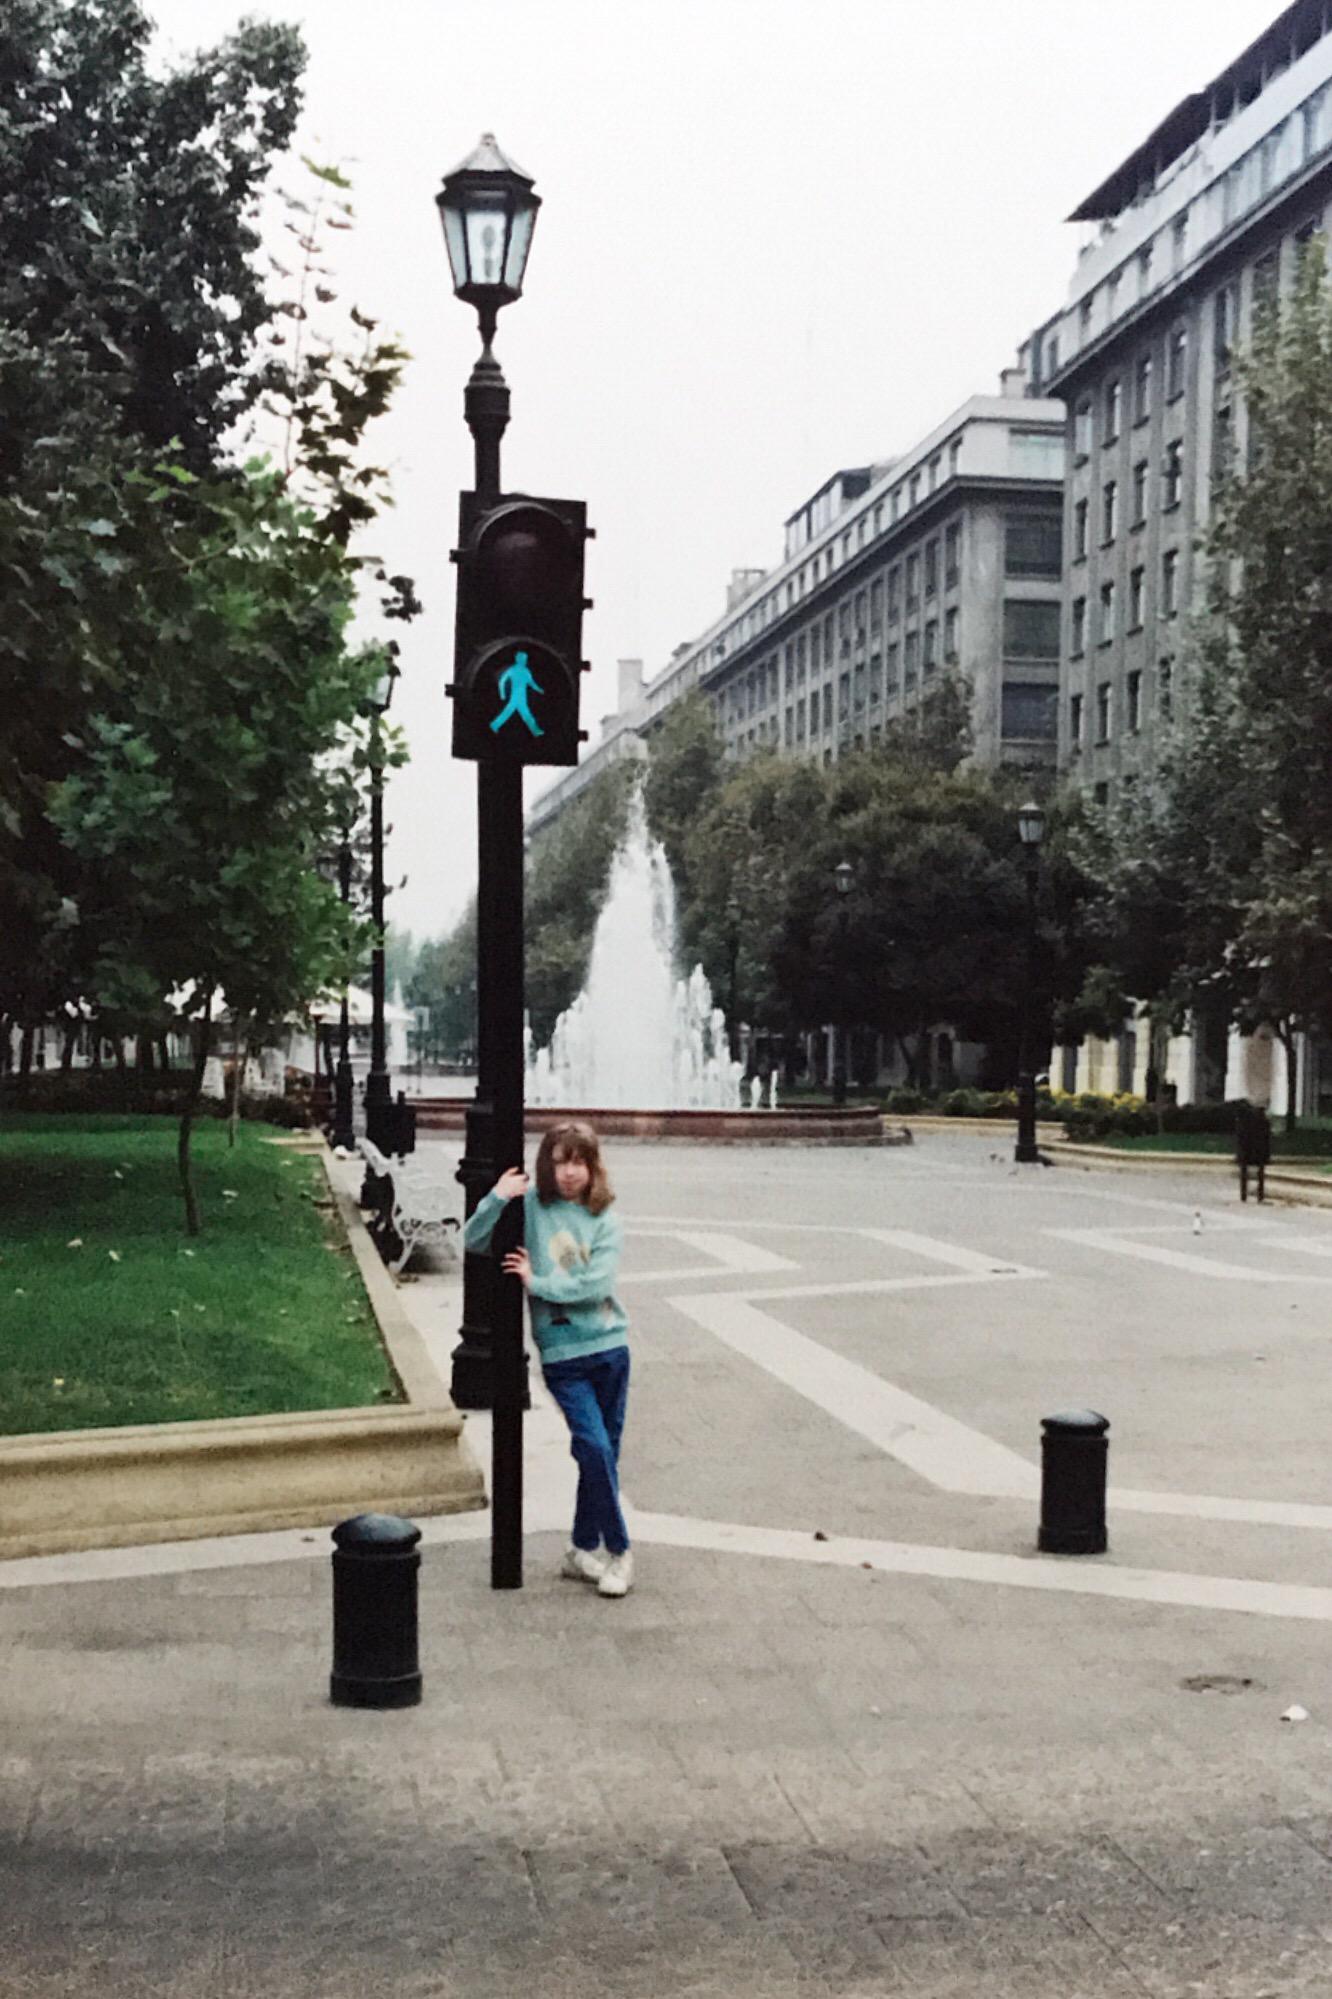 Enterreno - Fotos históricas de chile - fotos antiguas de Chile - Paseo Bulnes a principios de los 90